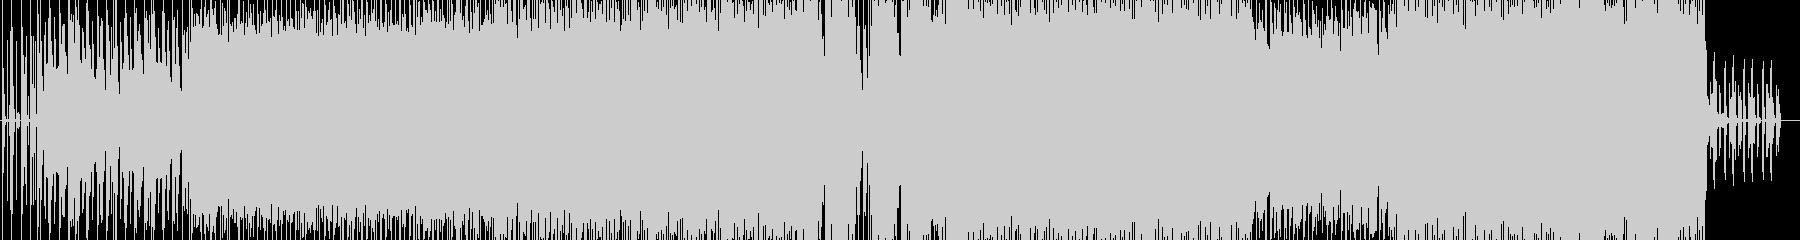 ピアノと歪んだギターで破滅をイメージの未再生の波形